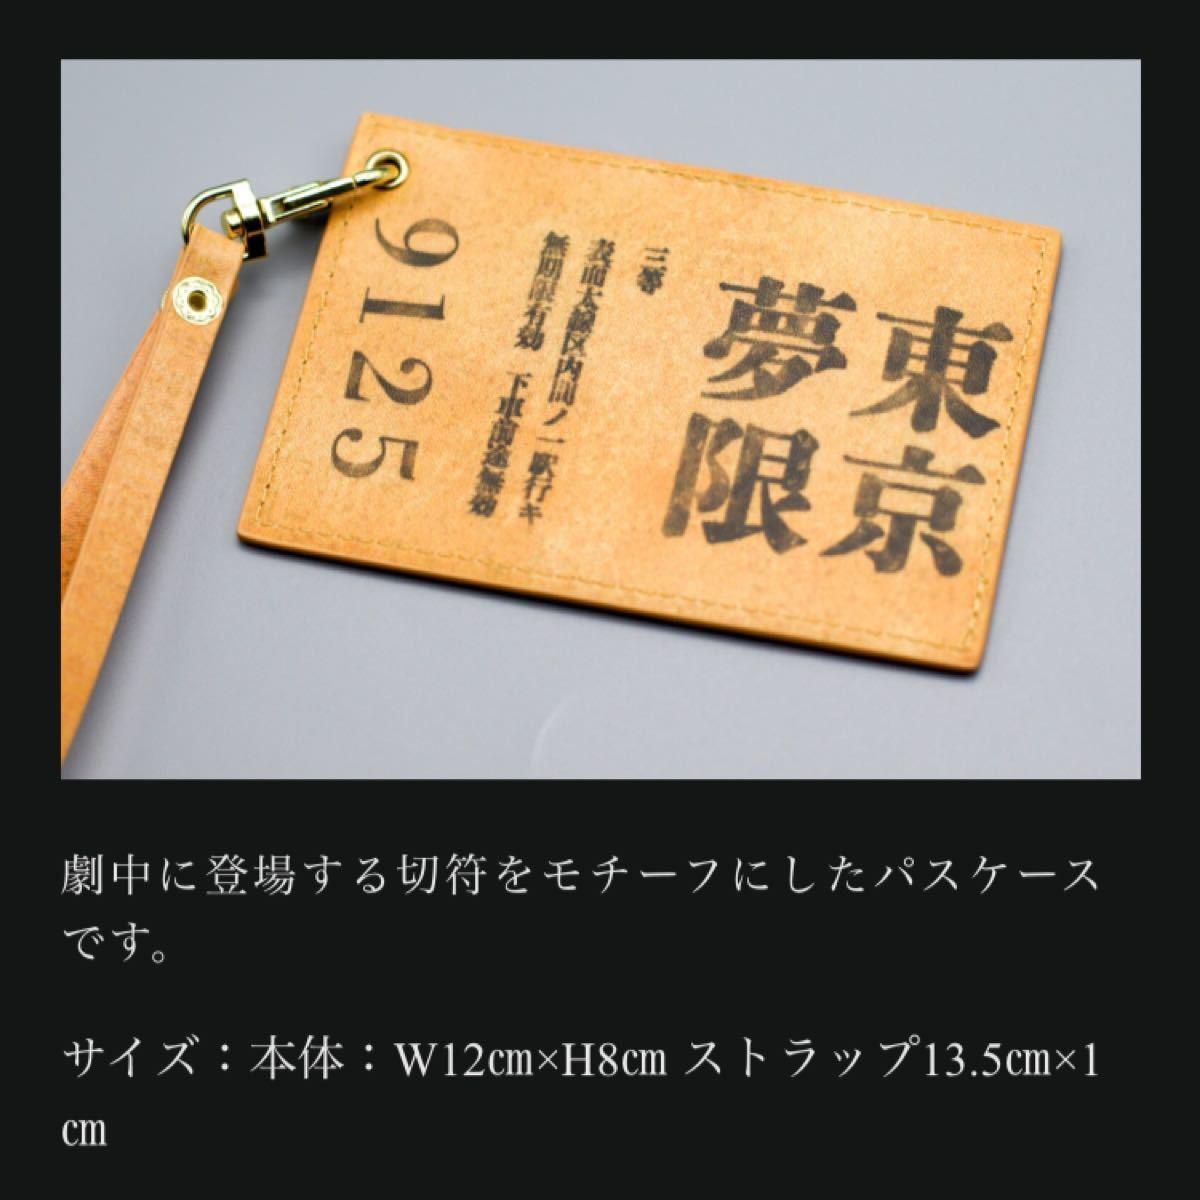 鬼滅の刃 劇場版  無限列車 切符 パスケース 煉獄杏寿郎 魘夢 猗窩座 あかざ